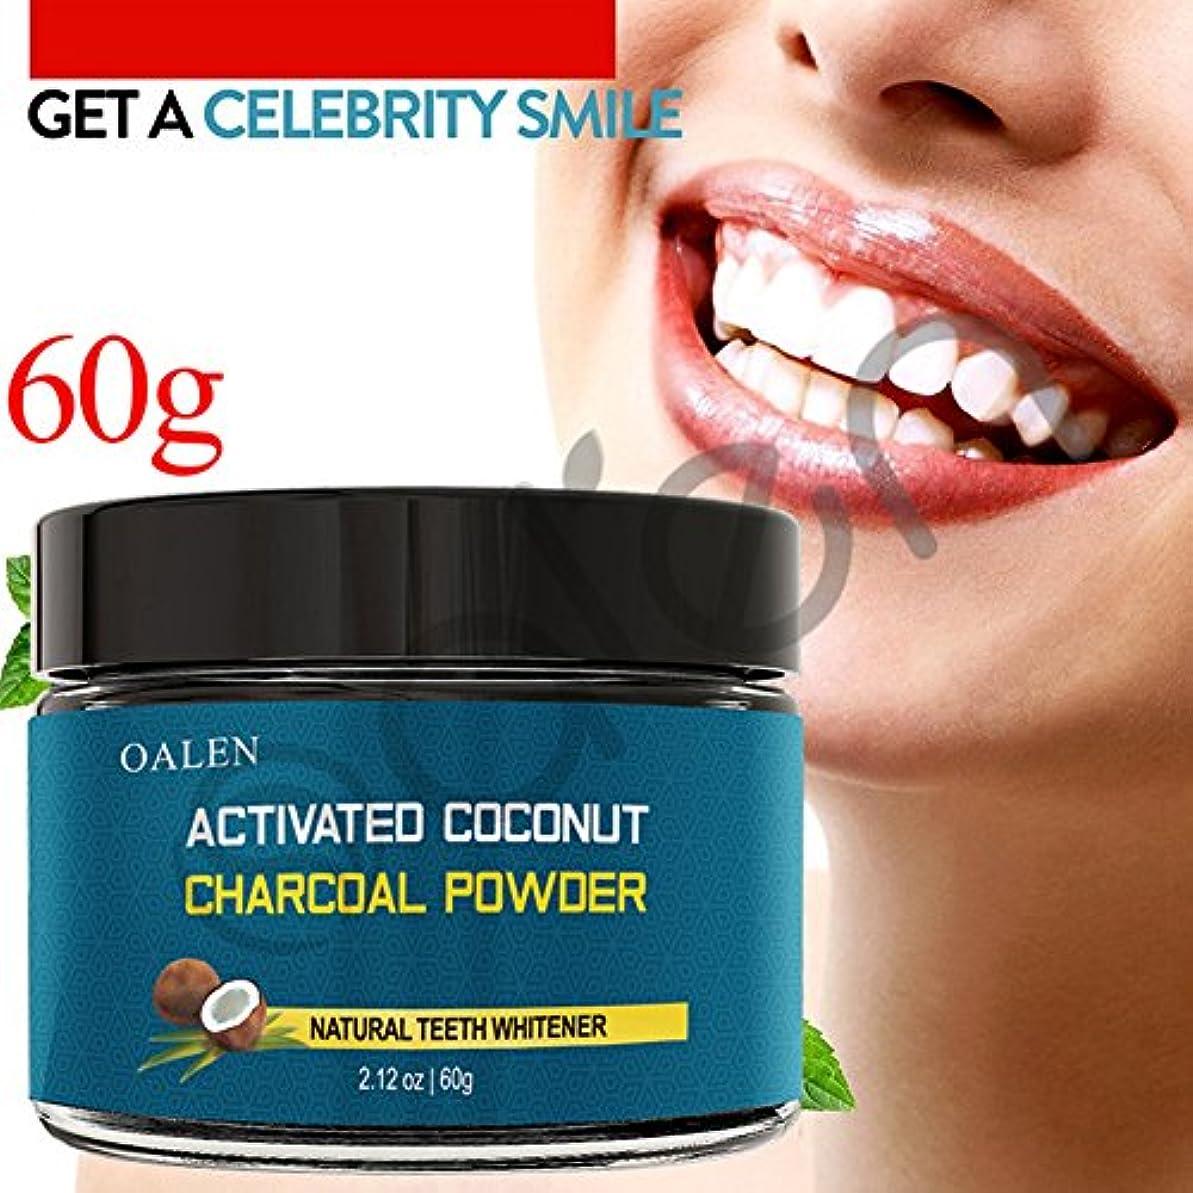 キュービックアルミニウム起業家Liebeye 歯 ホワイトニング パウダー グラム 天然活性 ココナッツチャコール 歯ホワイトナー 60g